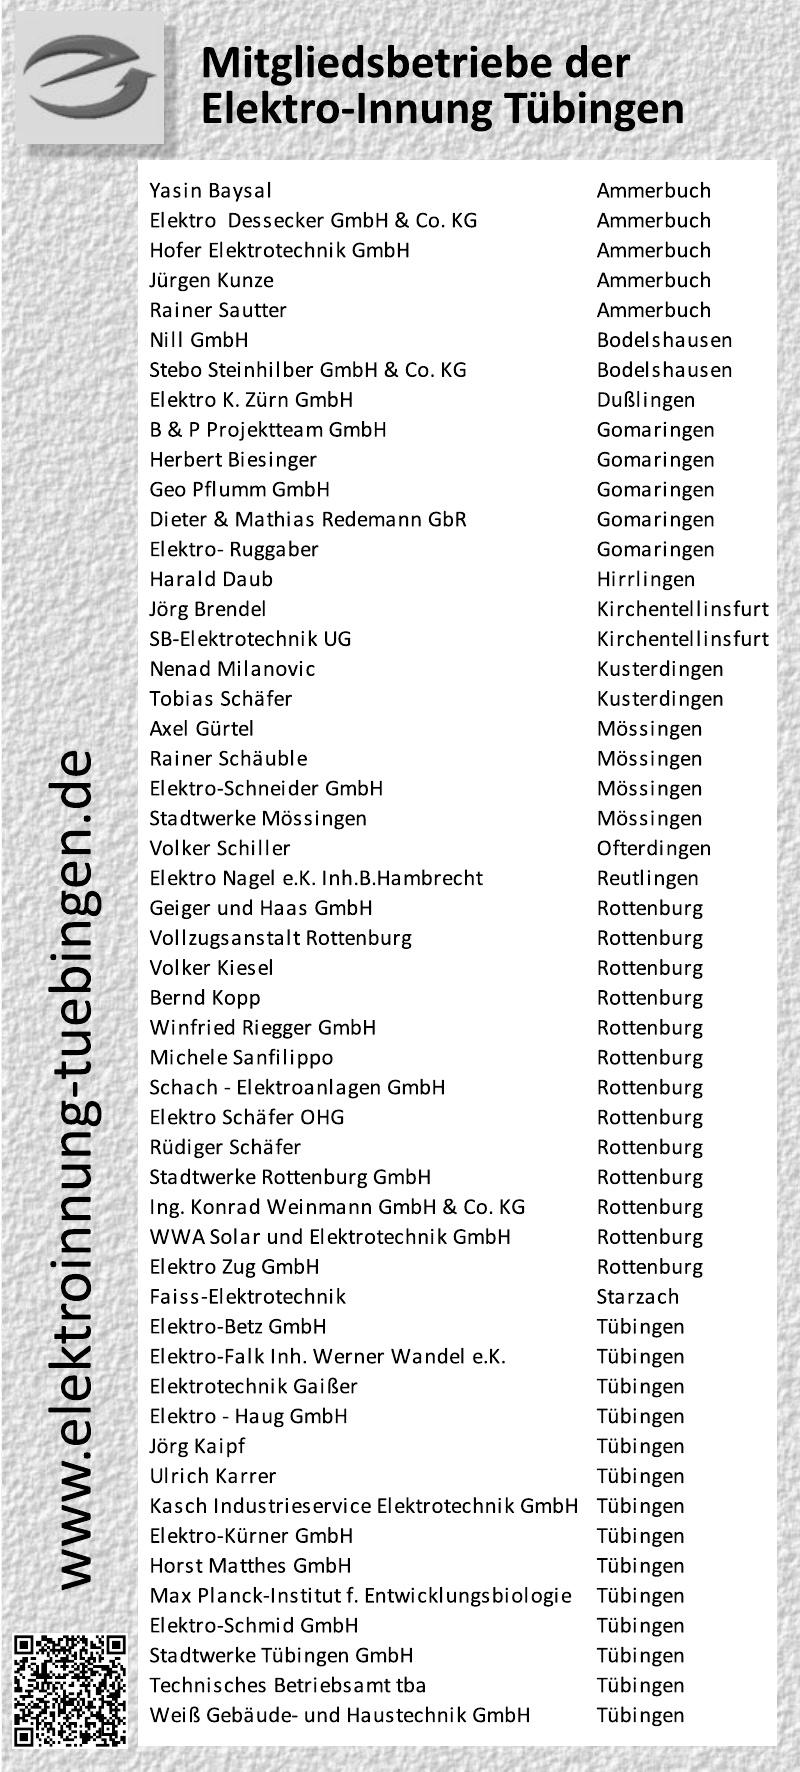 Elektroinnung Tübingen